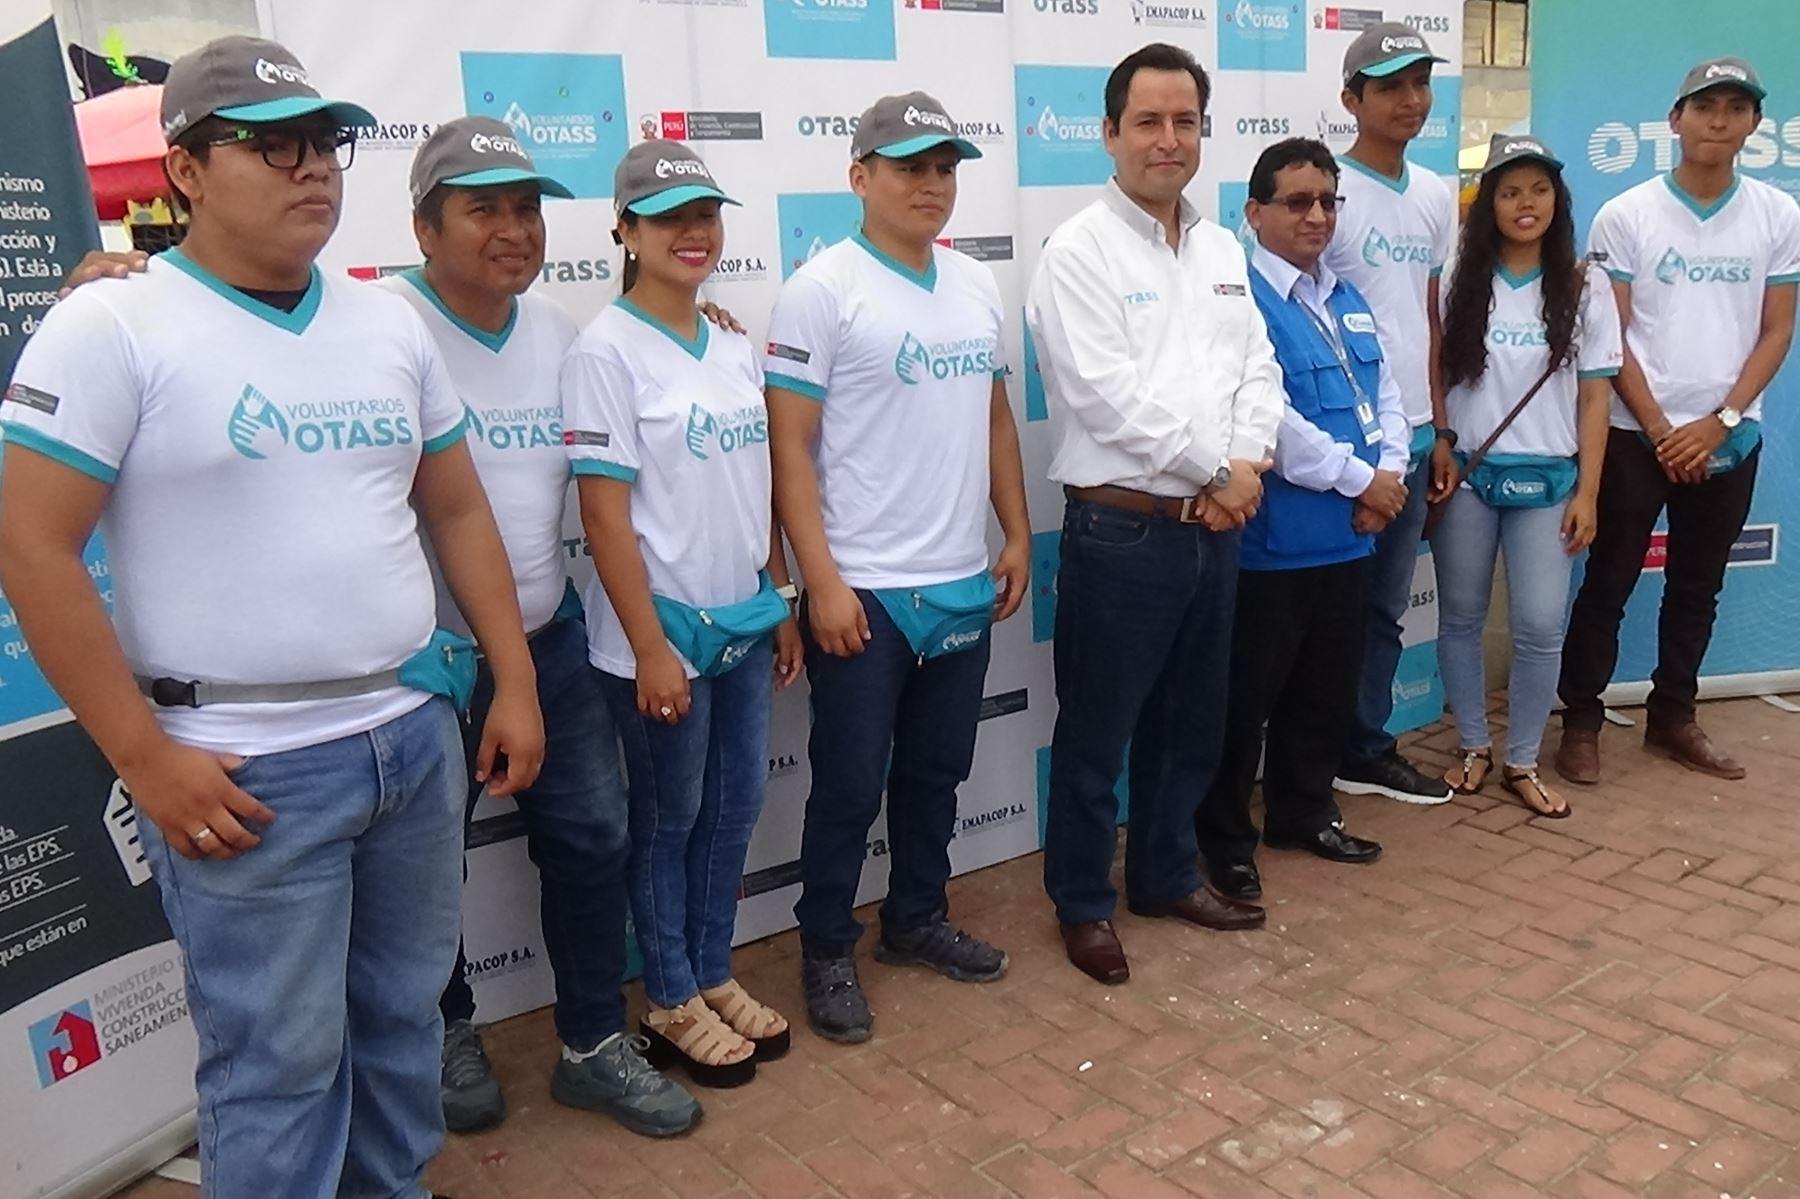 Jóvenes voluntarios promueven buen uso de los servicios de agua potable y alcantarillado en Pucallpa. ANDINA/Difusión